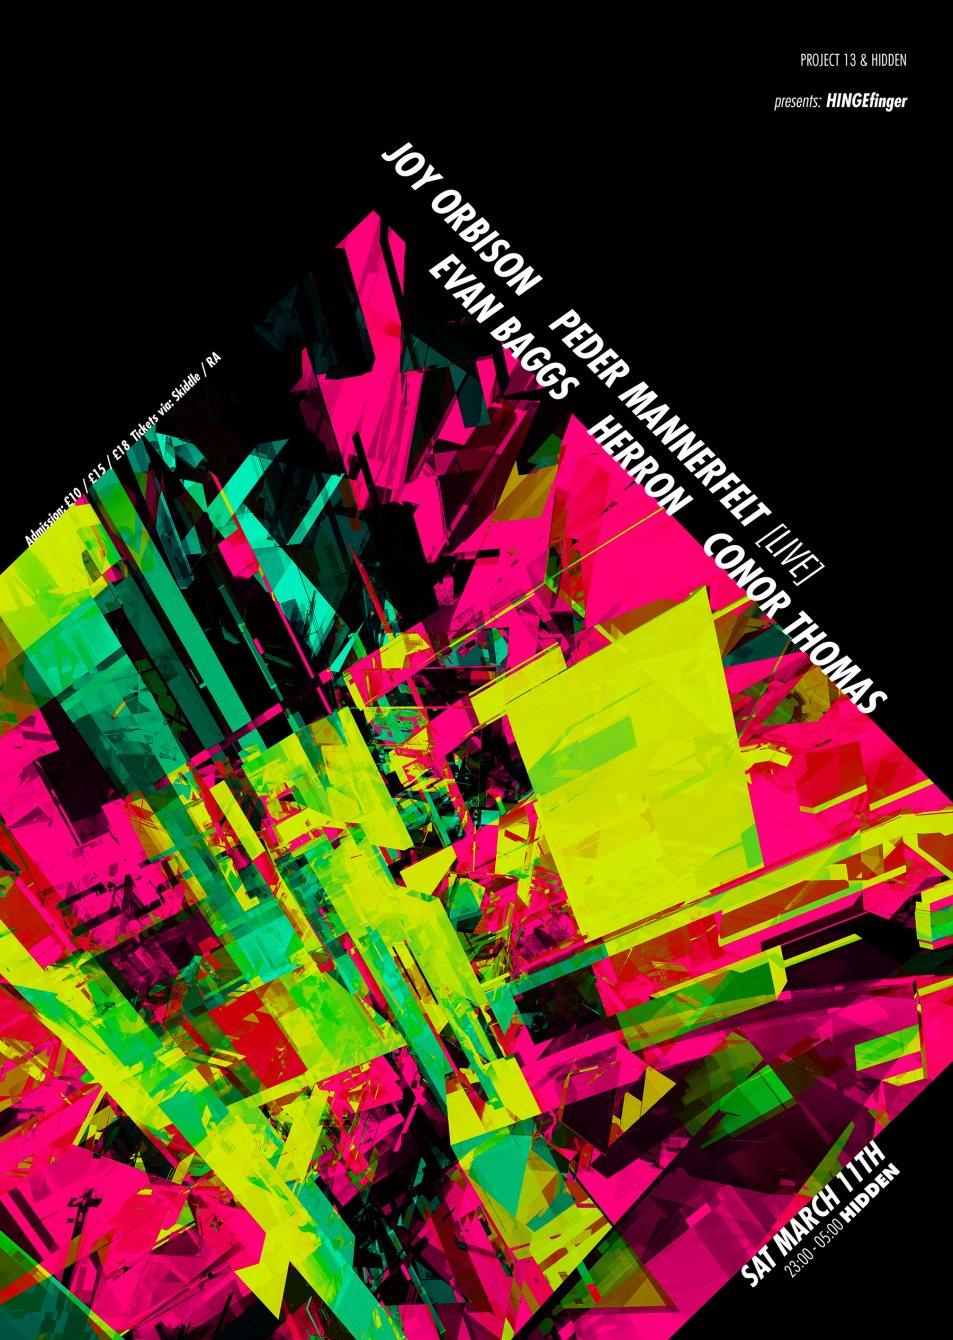 Project 13 x Hinge Finger ft: Joy Orbison // Peder Mannerfelt // Evan Baggs - Flyer front